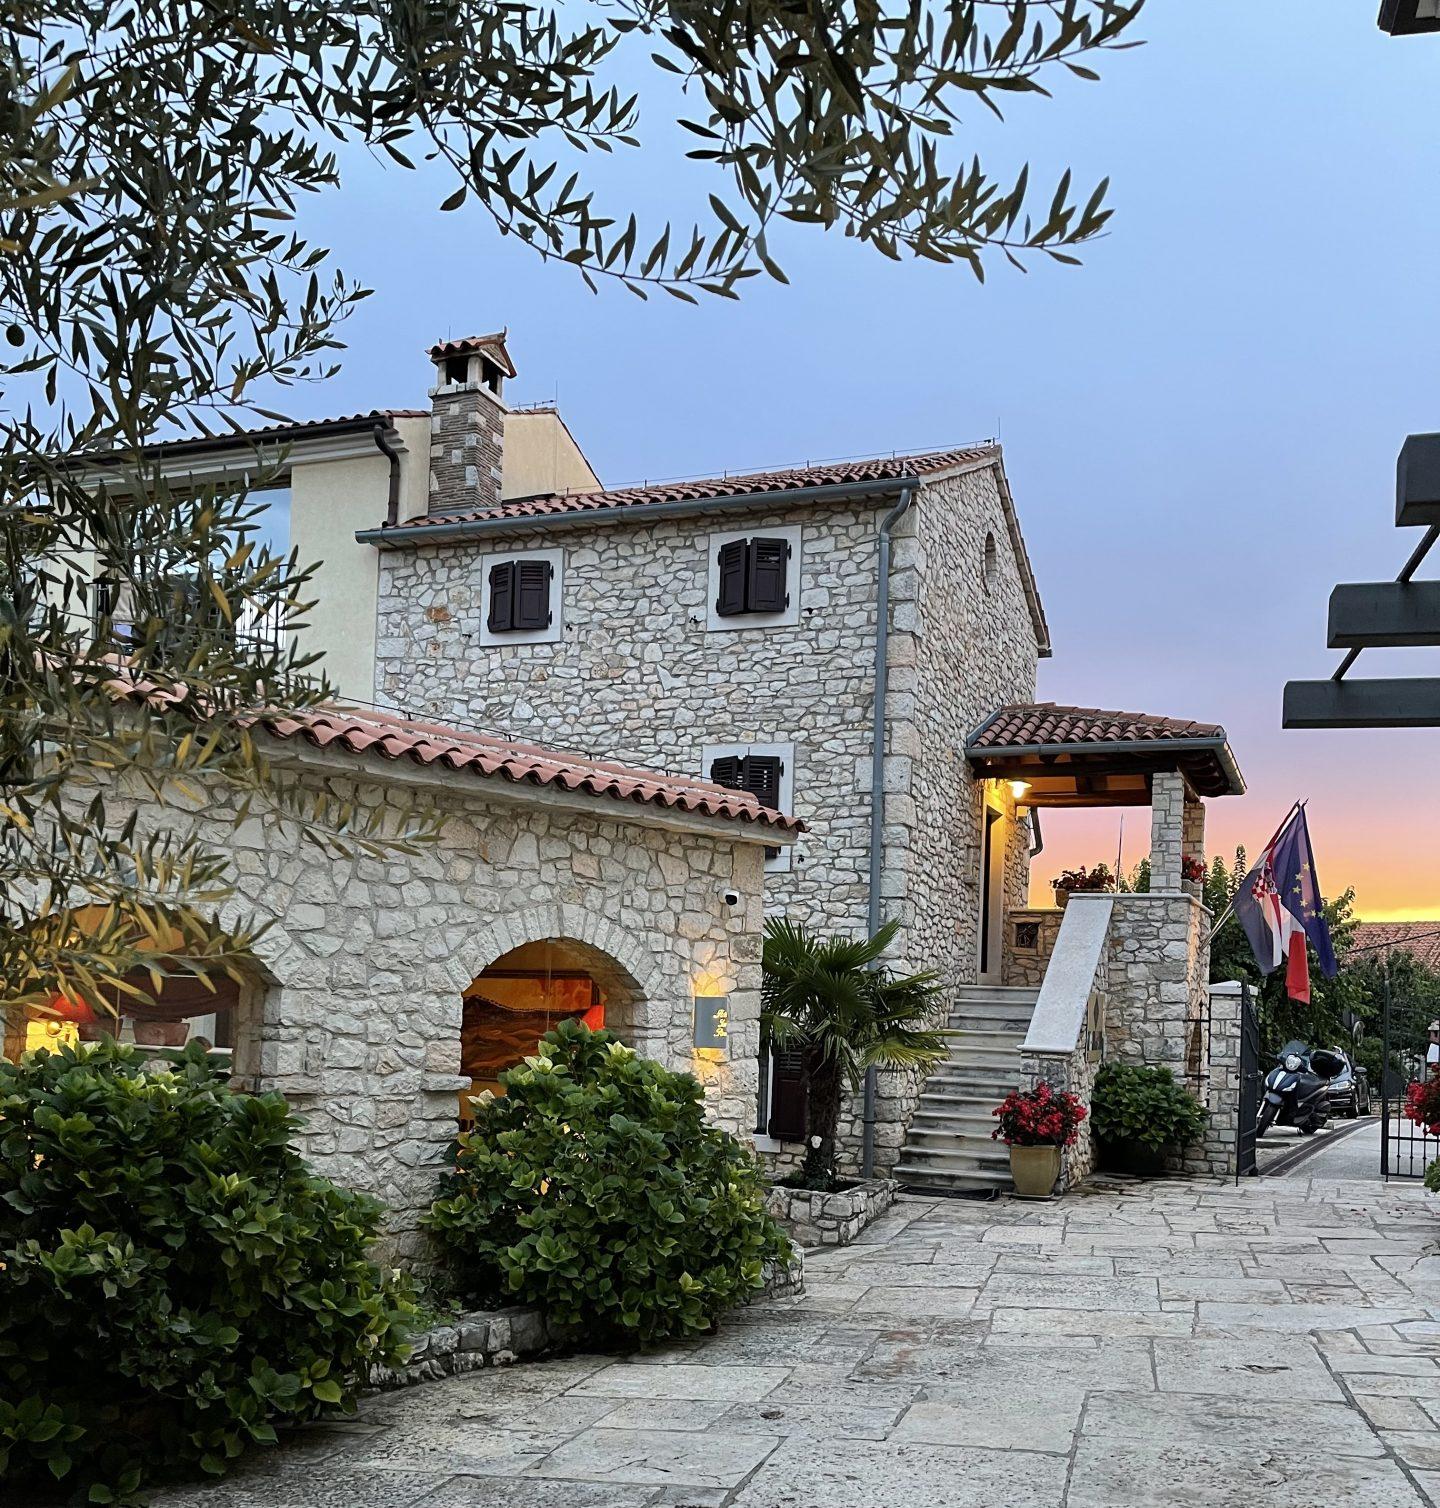 San Rocco Heritage Hotel hotel san rocco brtonigla hotel san rocco istria brtonigla Istria Croatia hotel istria hotel istriana luxury hotel boutique hotel